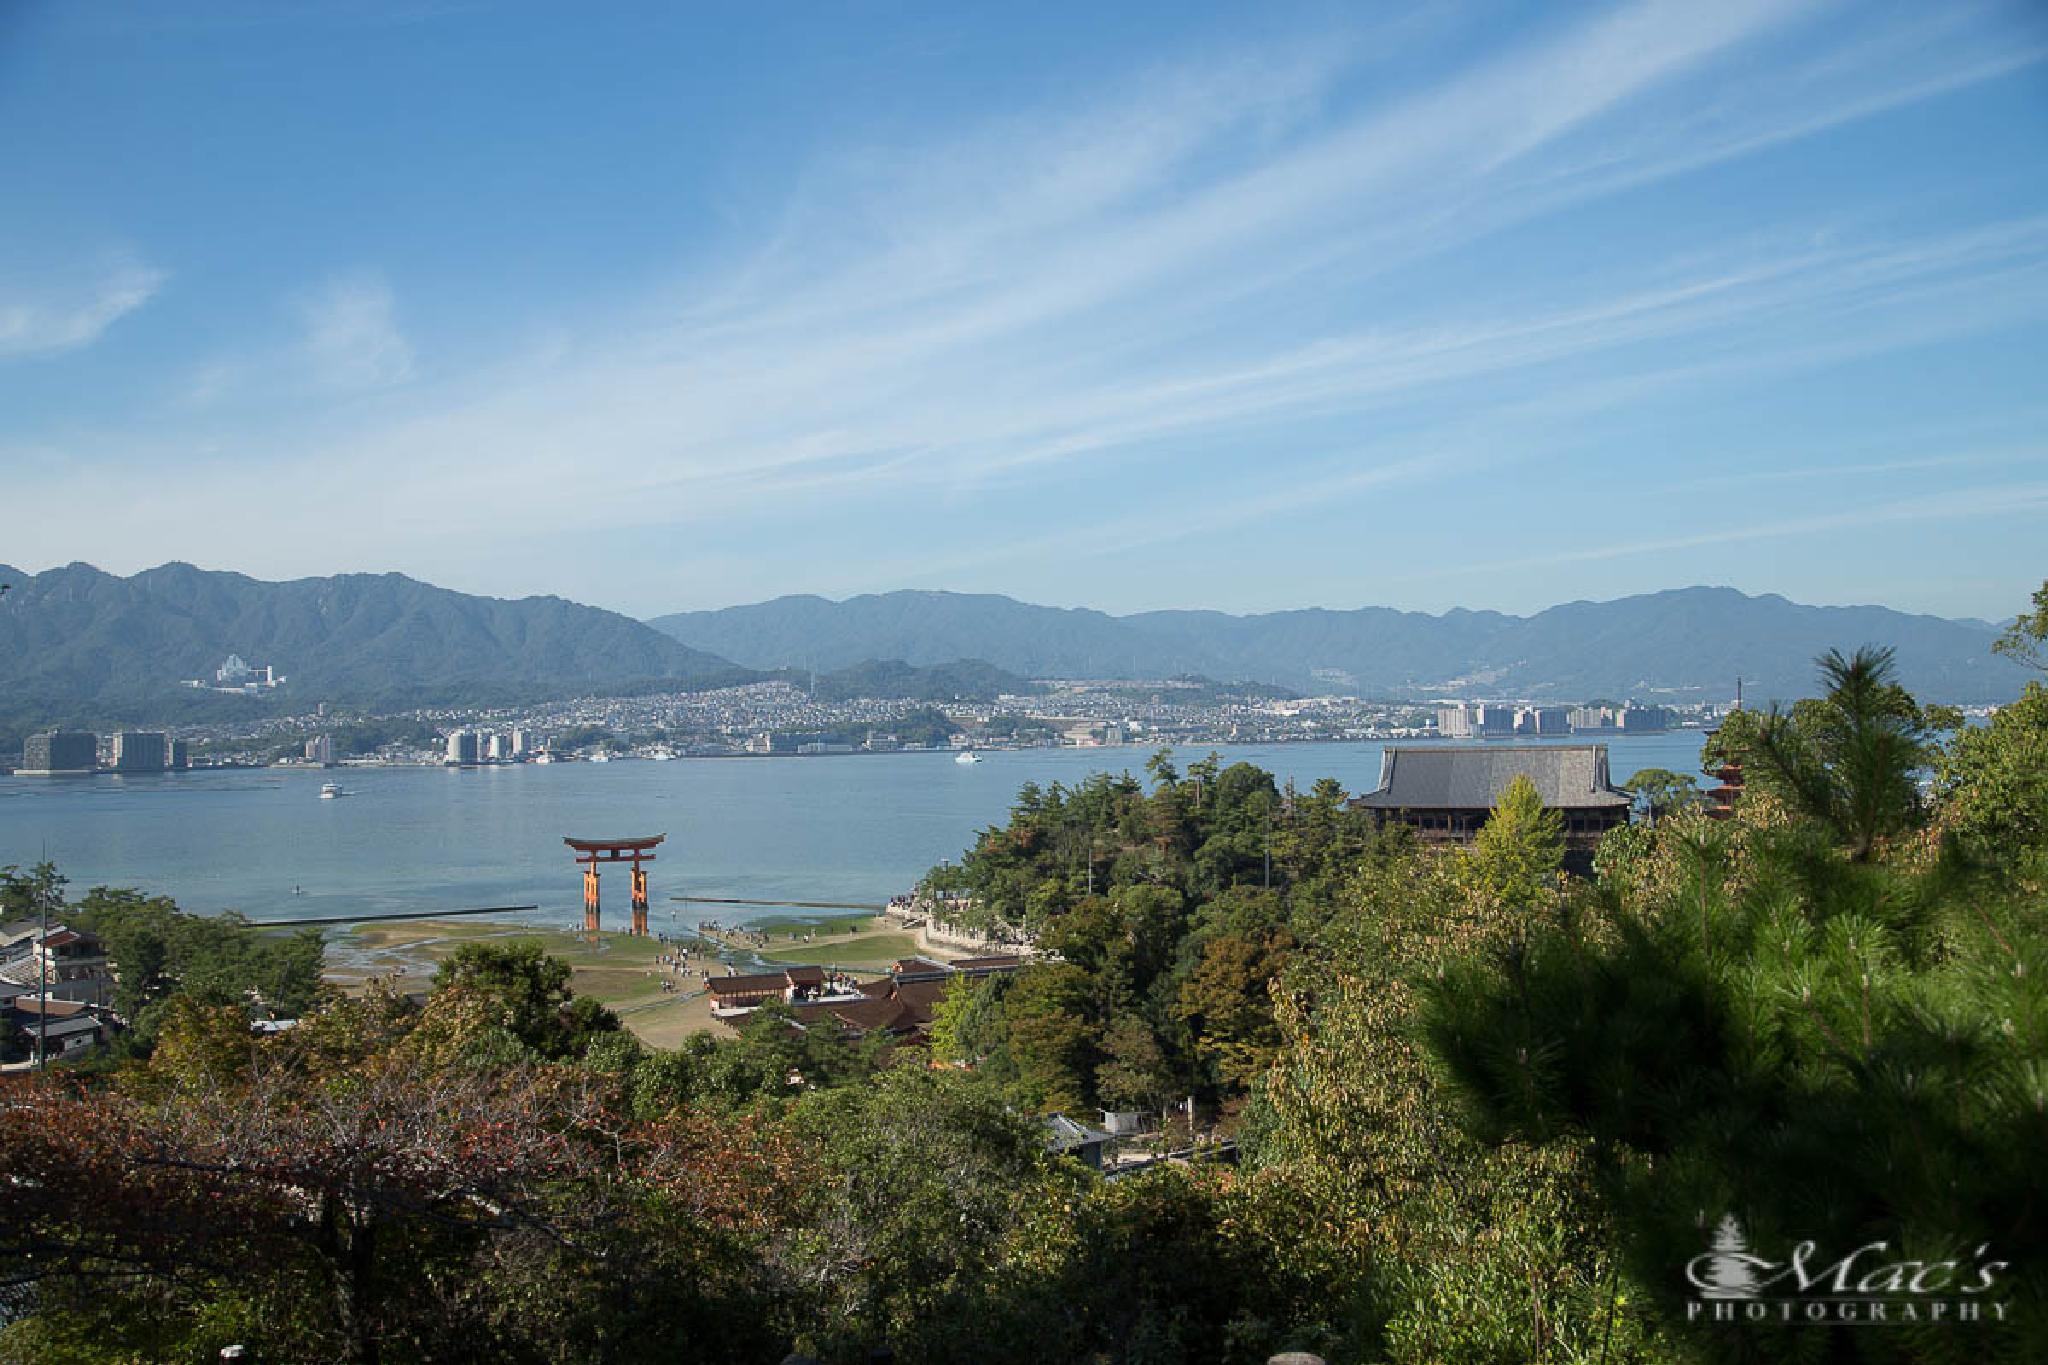 Itsukushima Shrine by Mac's Photography